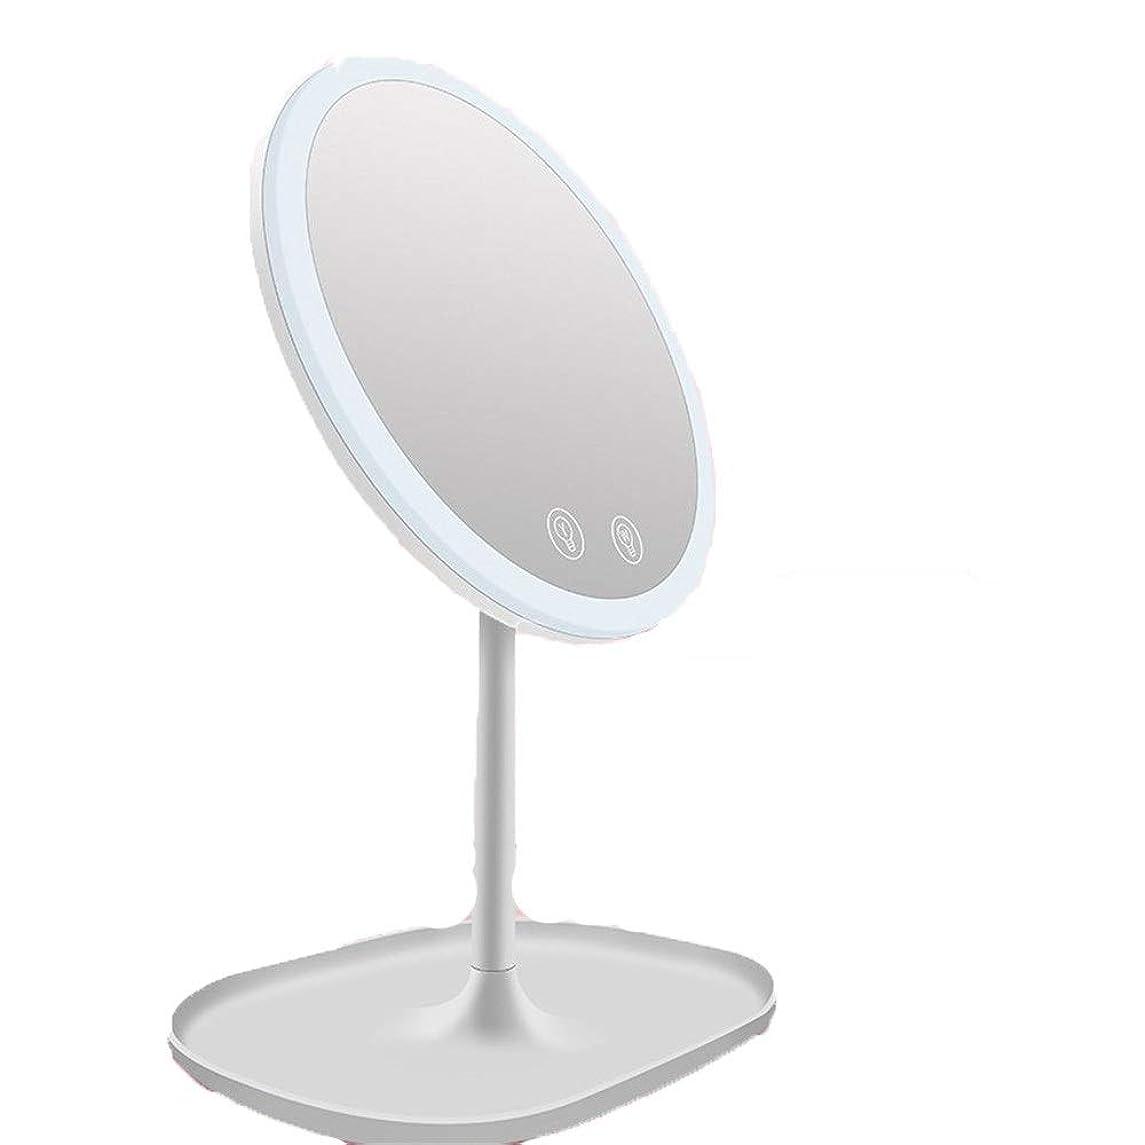 ペインギリックフルーティー雪の化粧鏡 照明付きメイクアップミラー充電式タッチコントロール調節可能なLEDライトバニティミラー10倍拡大卓上化粧鏡 女優の鏡 (色 : 白, サイズ : ワンサイズ)